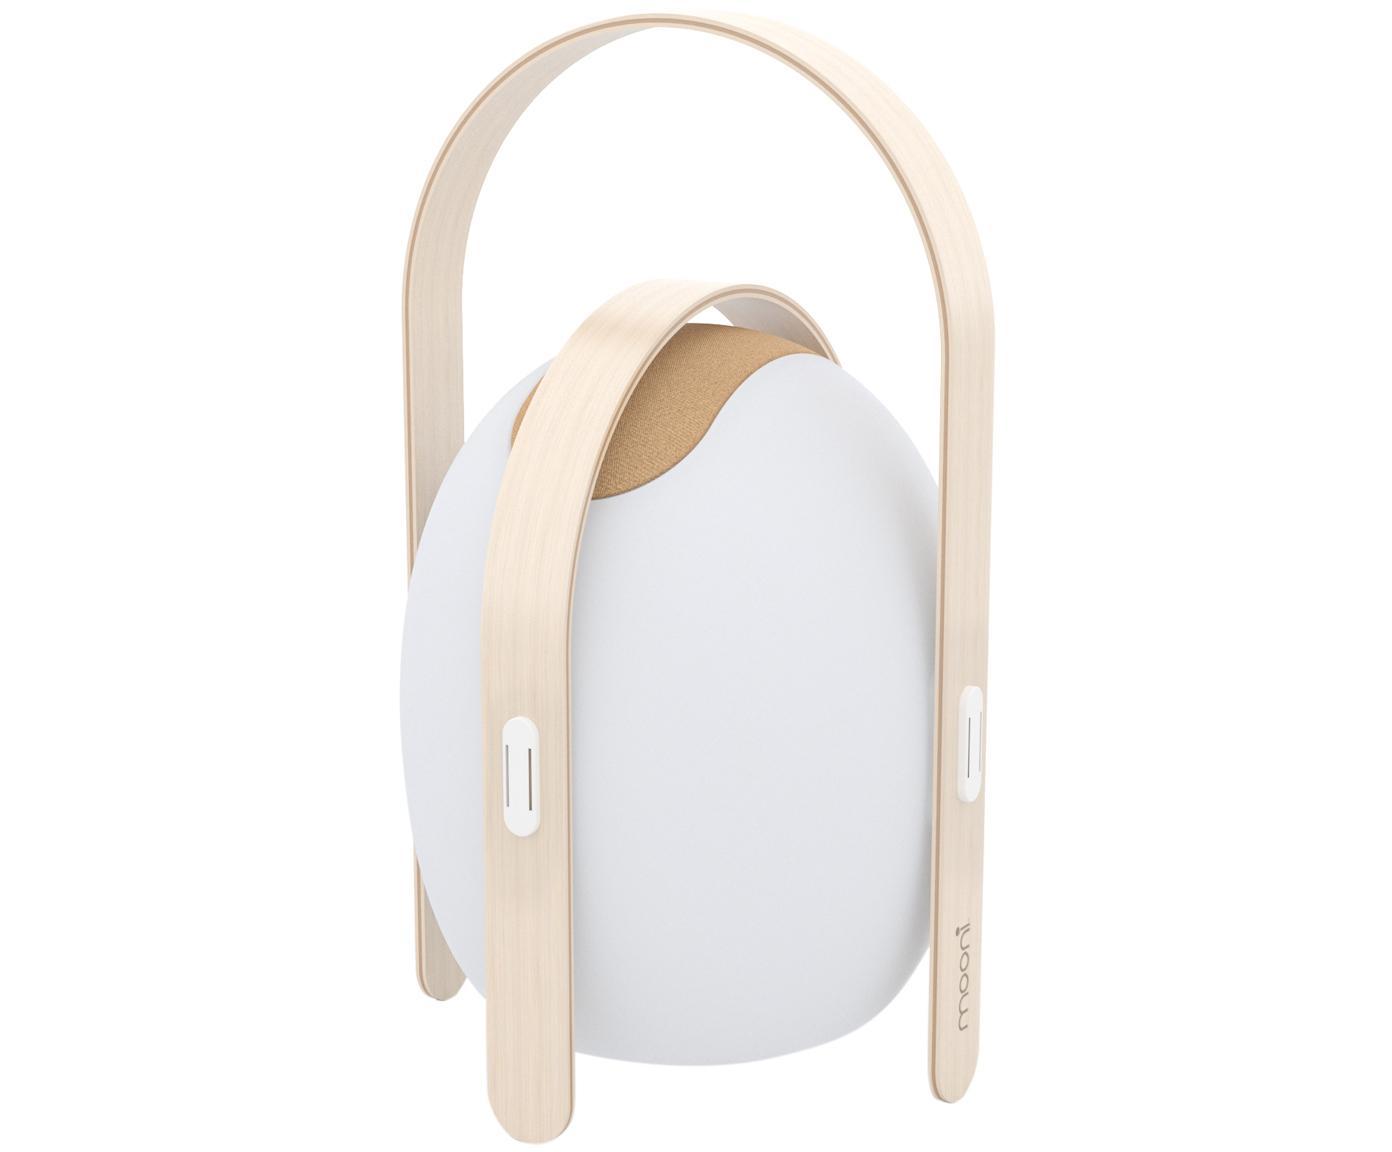 Mobile LED Außenleuchte mit Lautsprecher Ovo, Lampenschirm: Kunststoff (LDPE), Gestell: Ulmenholz mit Birkenfurni, Weiß, Hellbraun, Ø 32 x H 50 cm